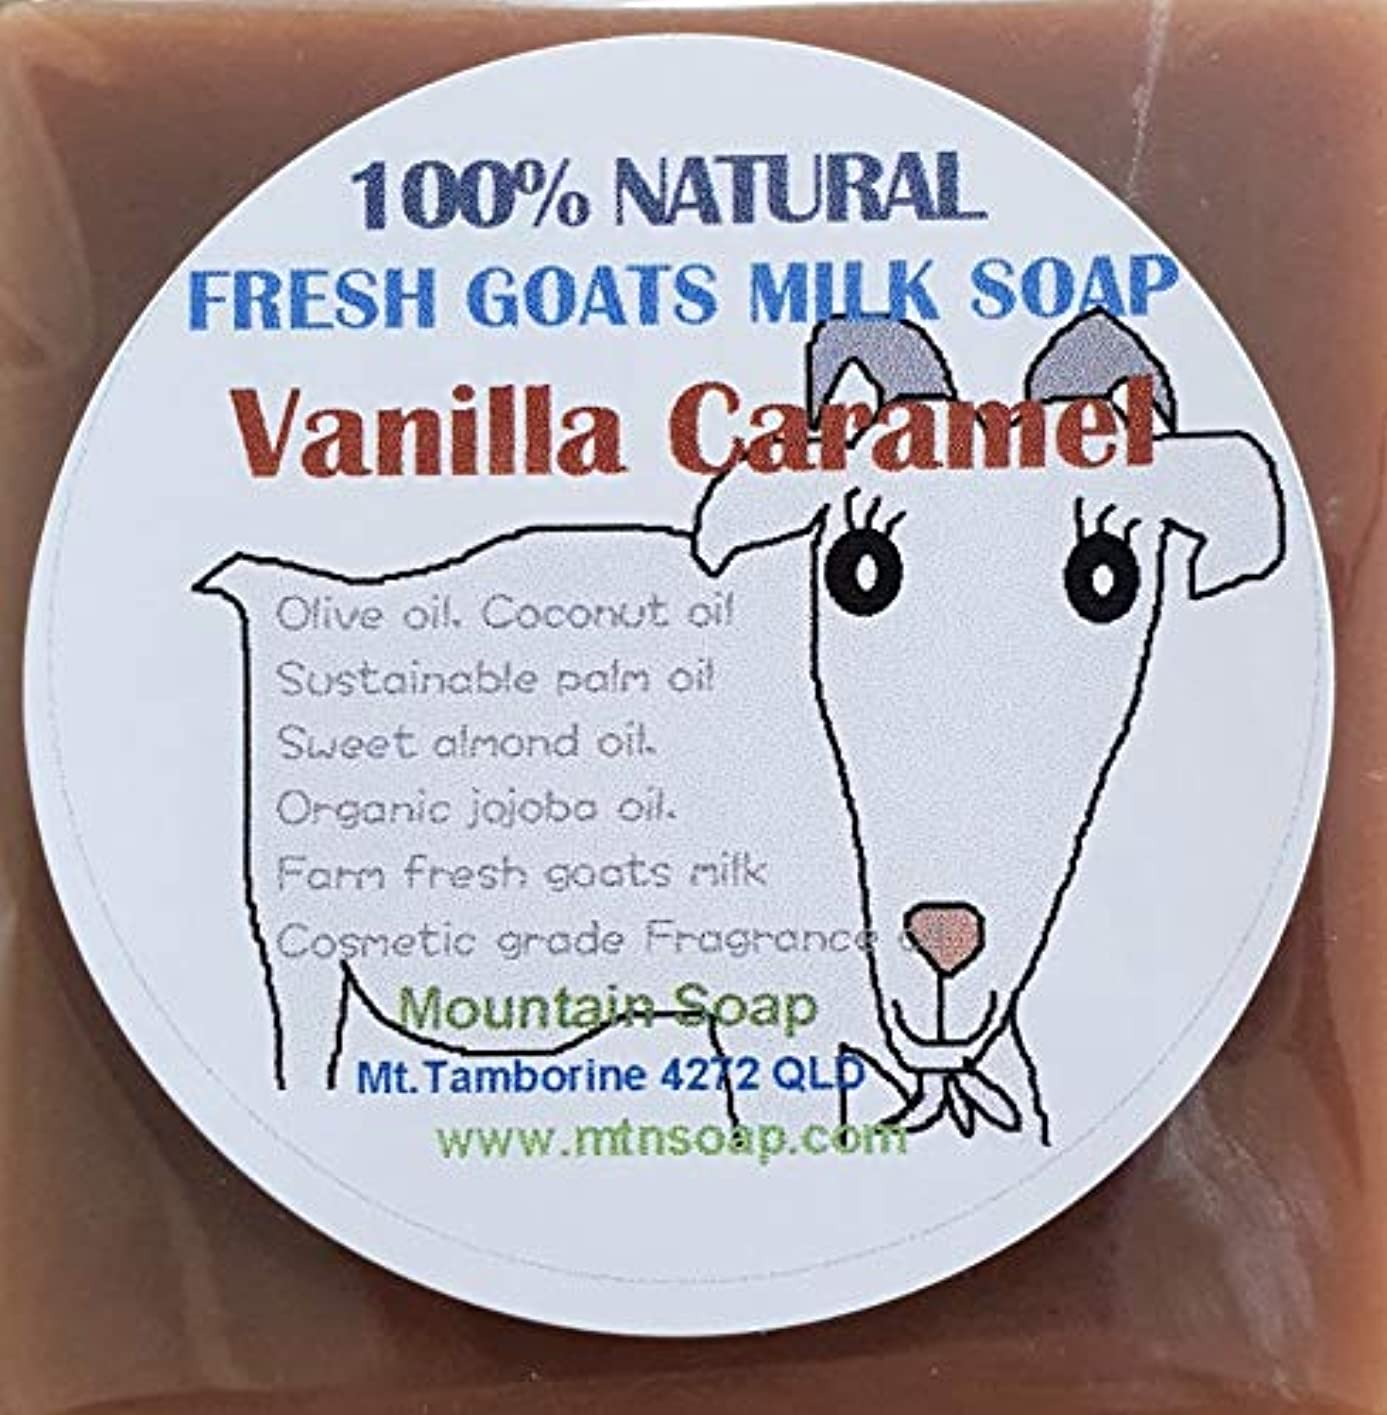 分解する寄付する数学的な【Mountain Soap】農場直送絞りたてゴートミルク生乳使用 ゴートミルク石鹸 バニラキャラメル